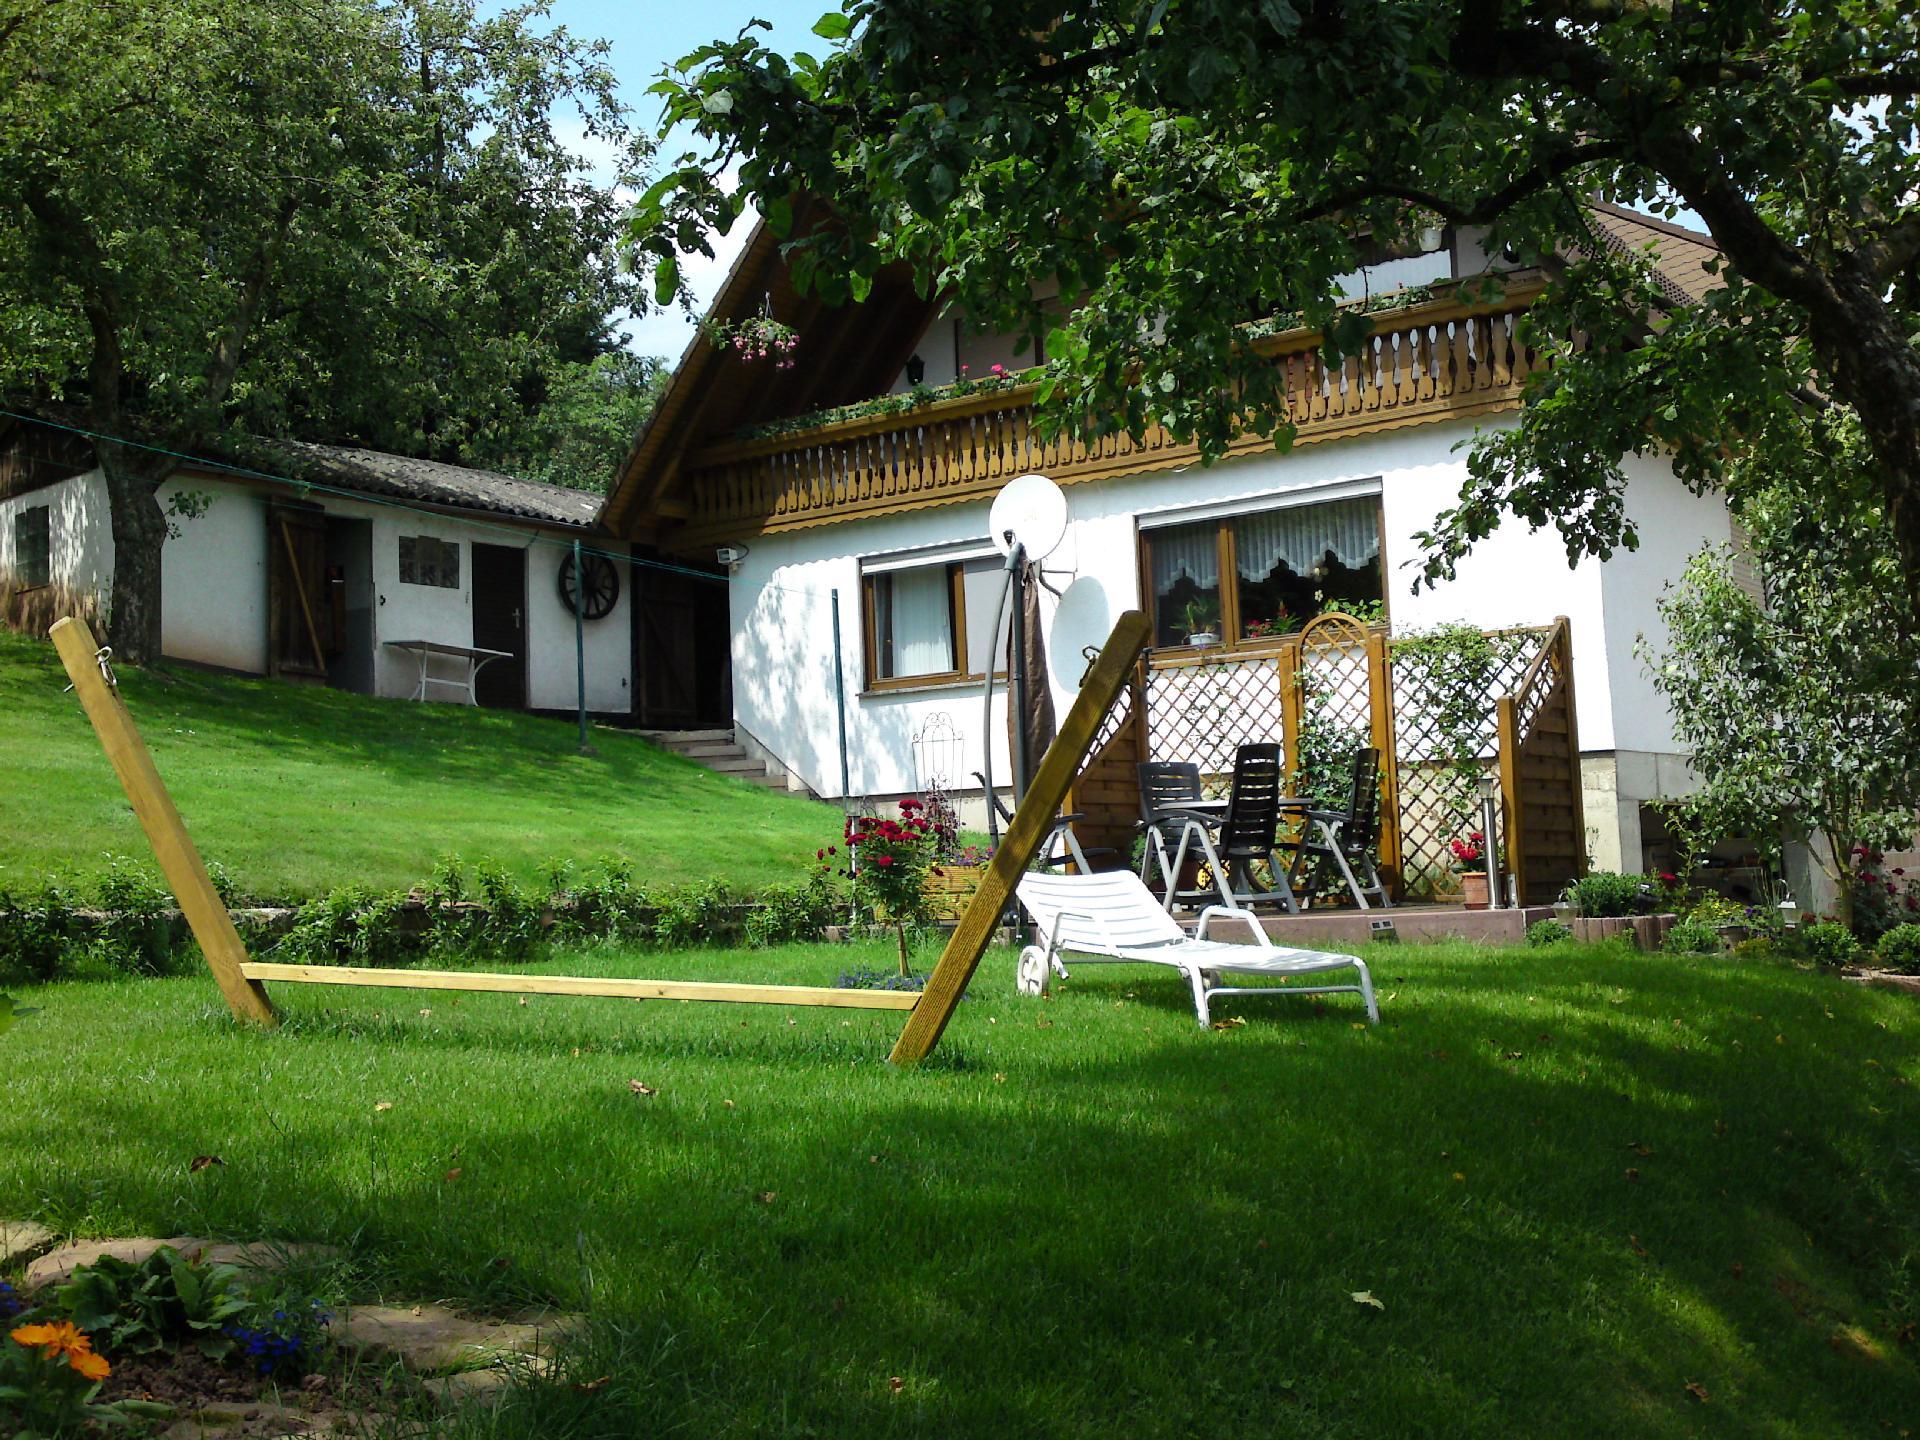 Ferienwohnung für 5 Personen ca. 110 m²   in Hessen